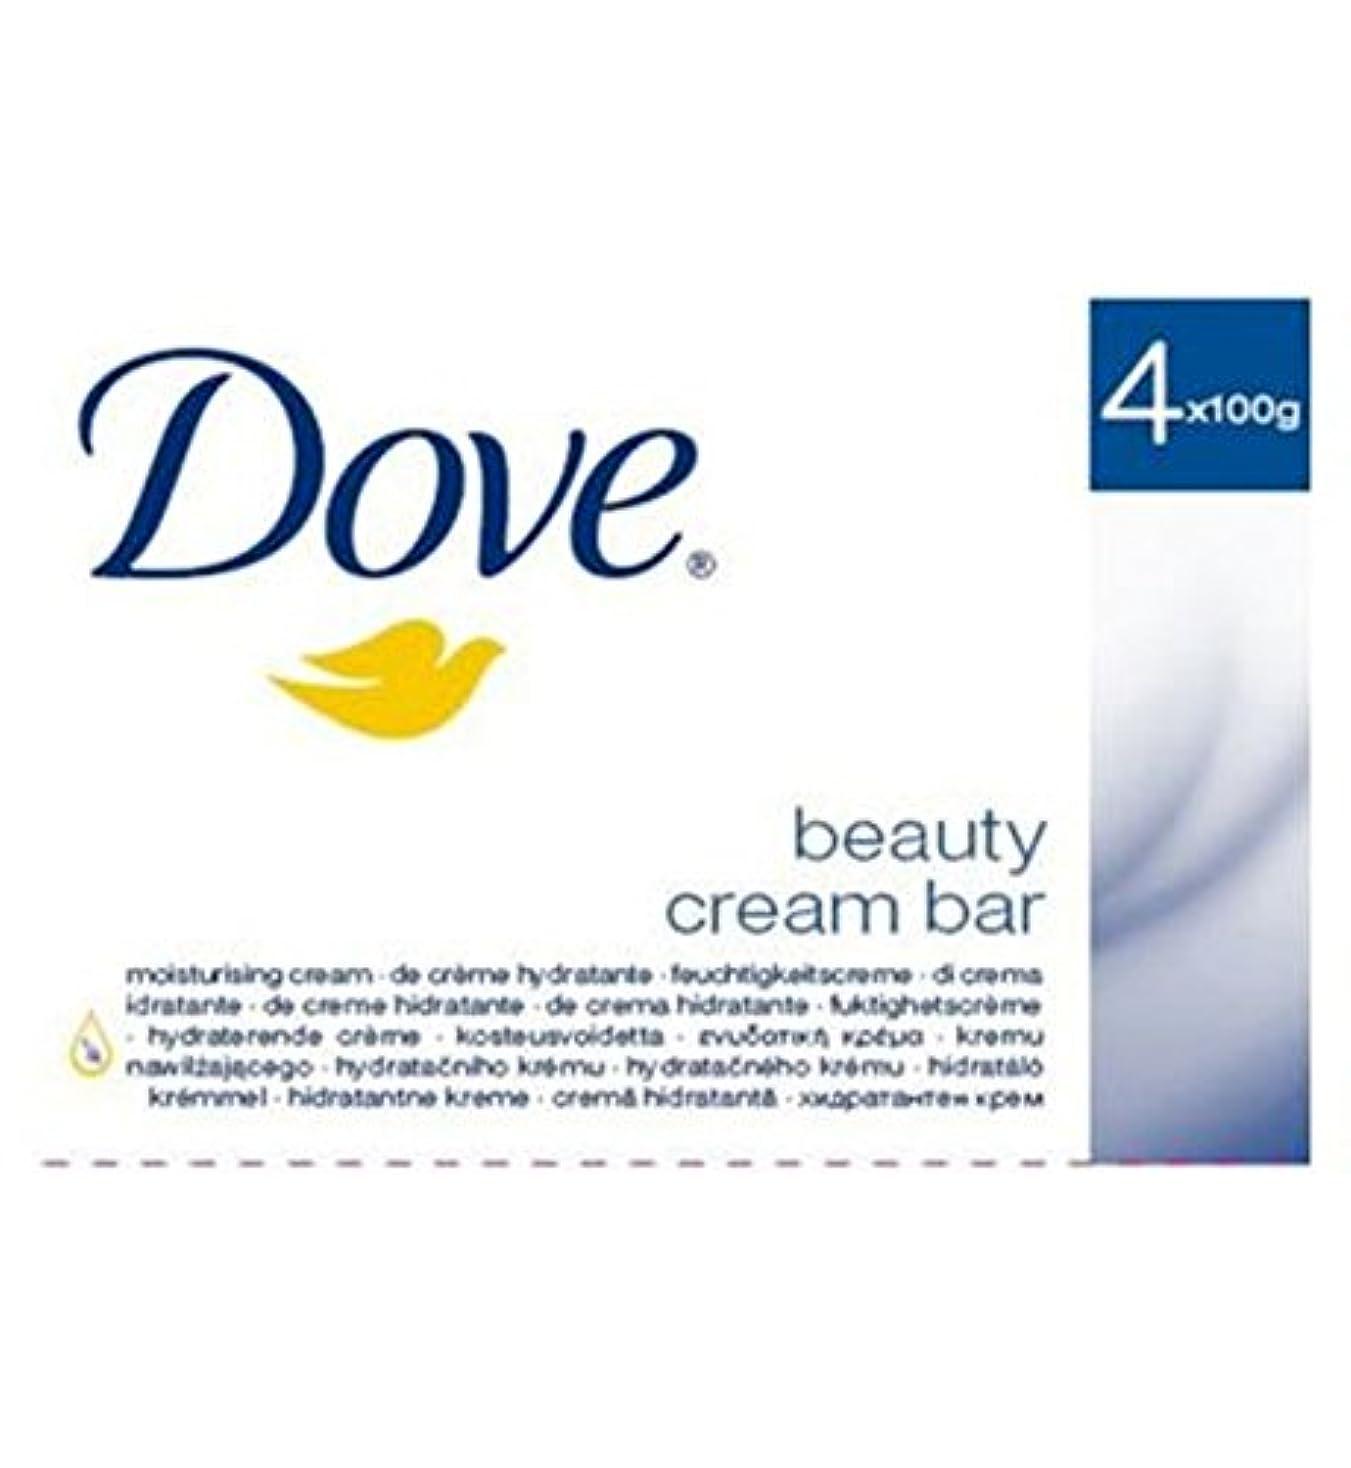 収束する遺跡左Dove Original Beauty Cream Bar 4 x 100g - 鳩元の美しさのクリームバー4のX 100グラム (Dove) [並行輸入品]